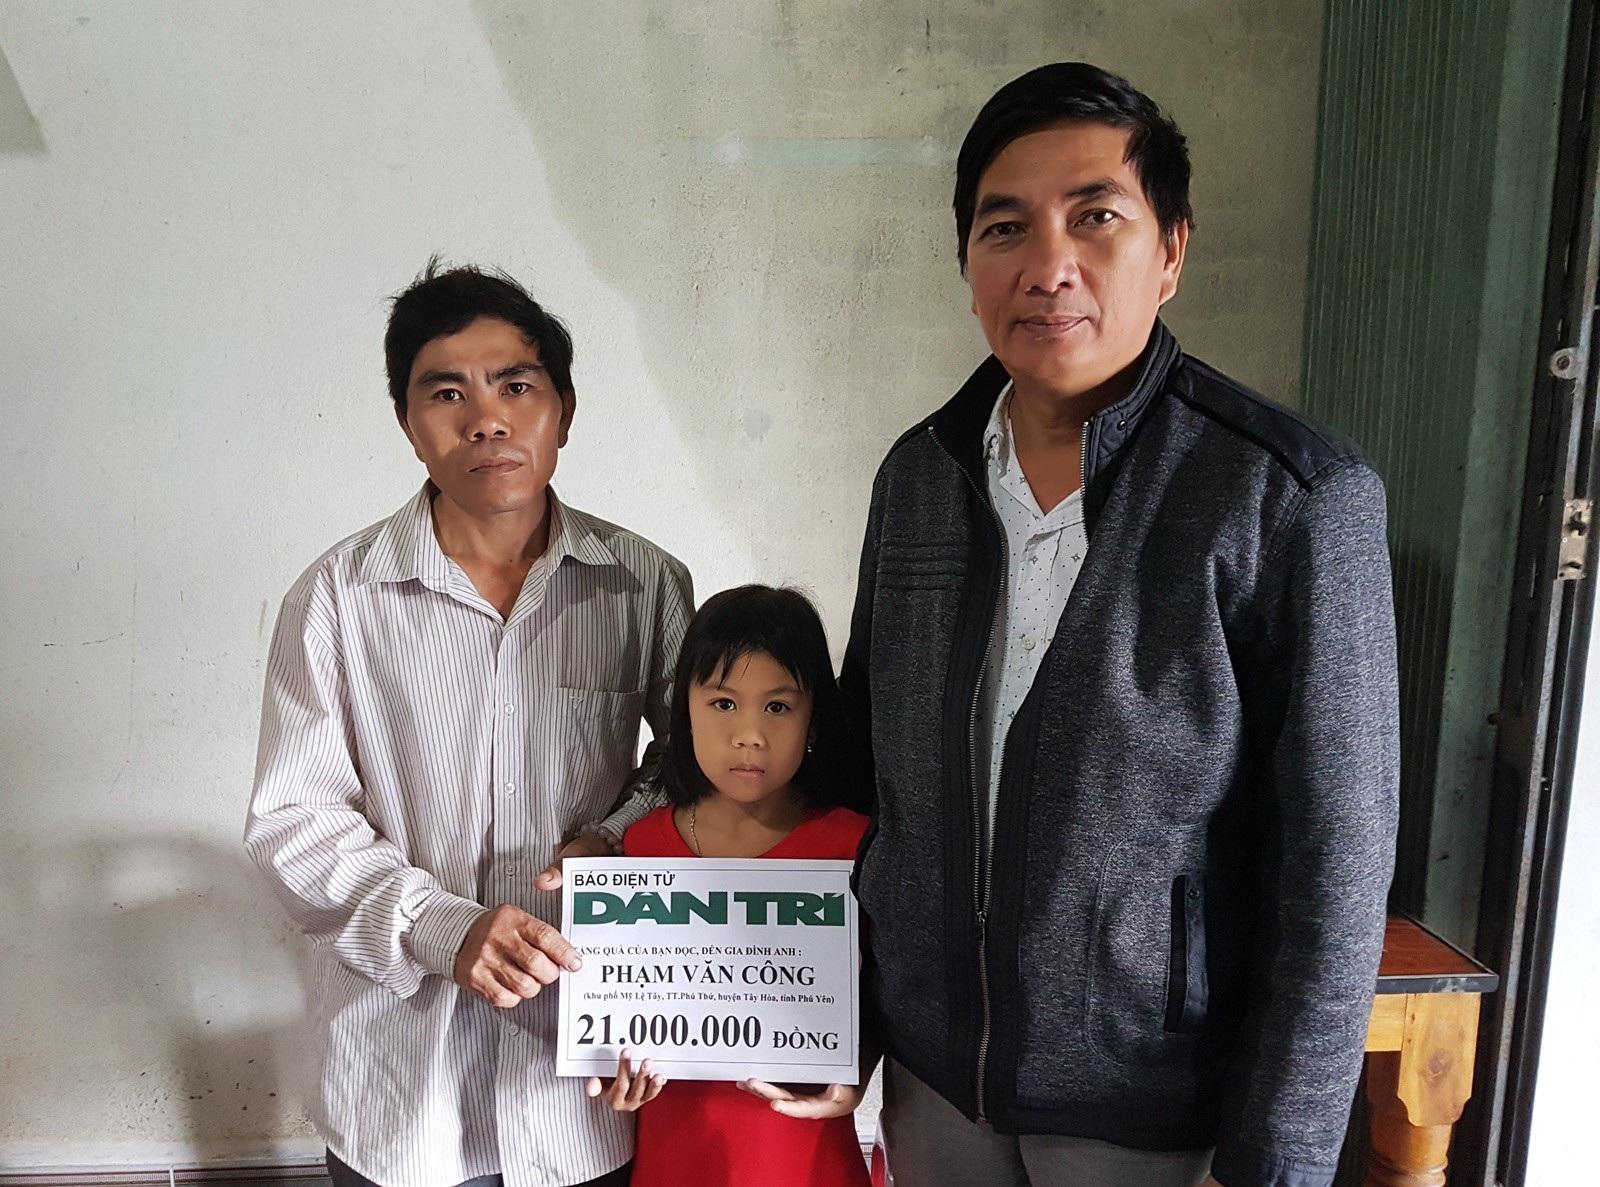 Gia đình anh Phạm Văn Công lần thứ 3 nhận quà từ bạn đọc Dân trí - Ảnh 1.